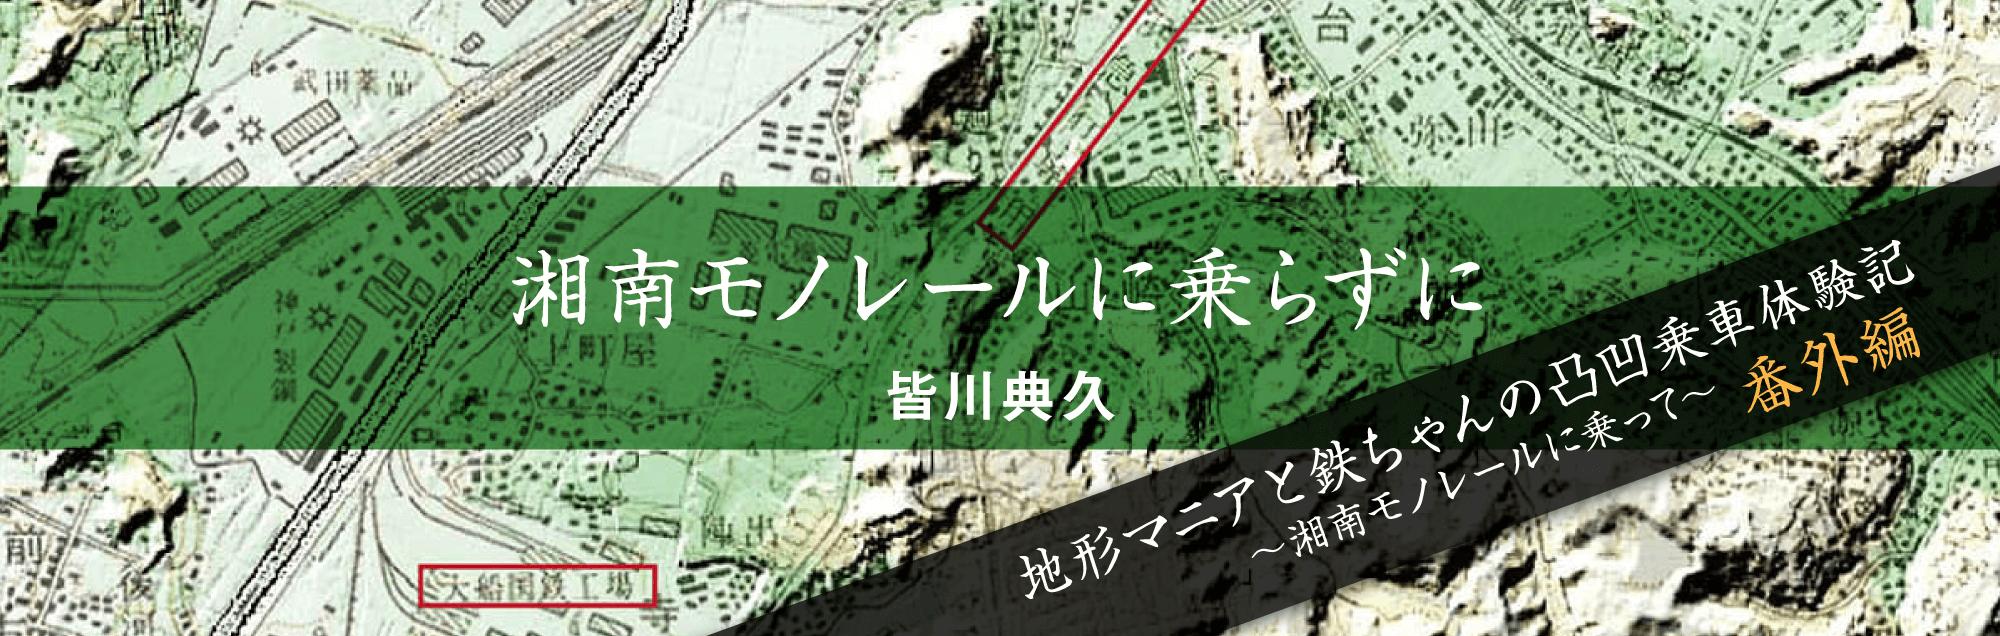 湘南モノレールに乗らずに 皆川典久(続編)